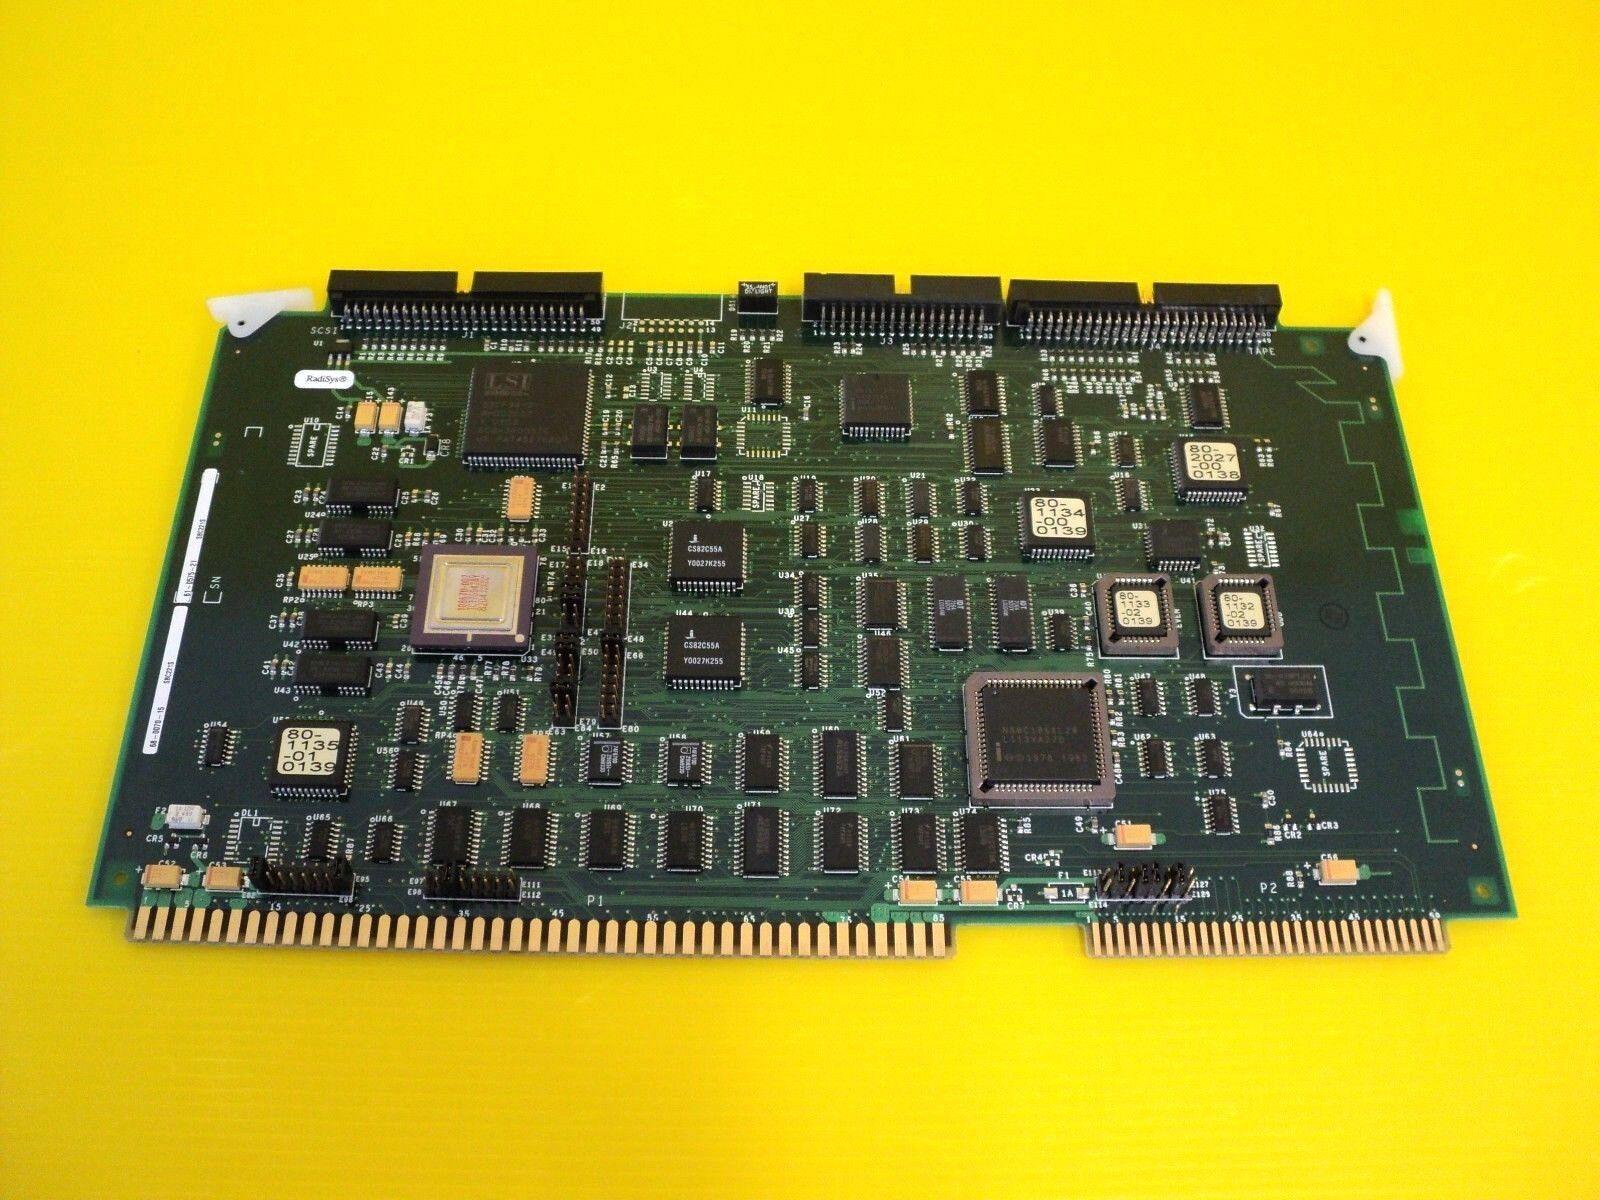 RADISYS 68-0070-15 SBC221S 61-0575-21 SBC221S PVC-3 4001 94V-0